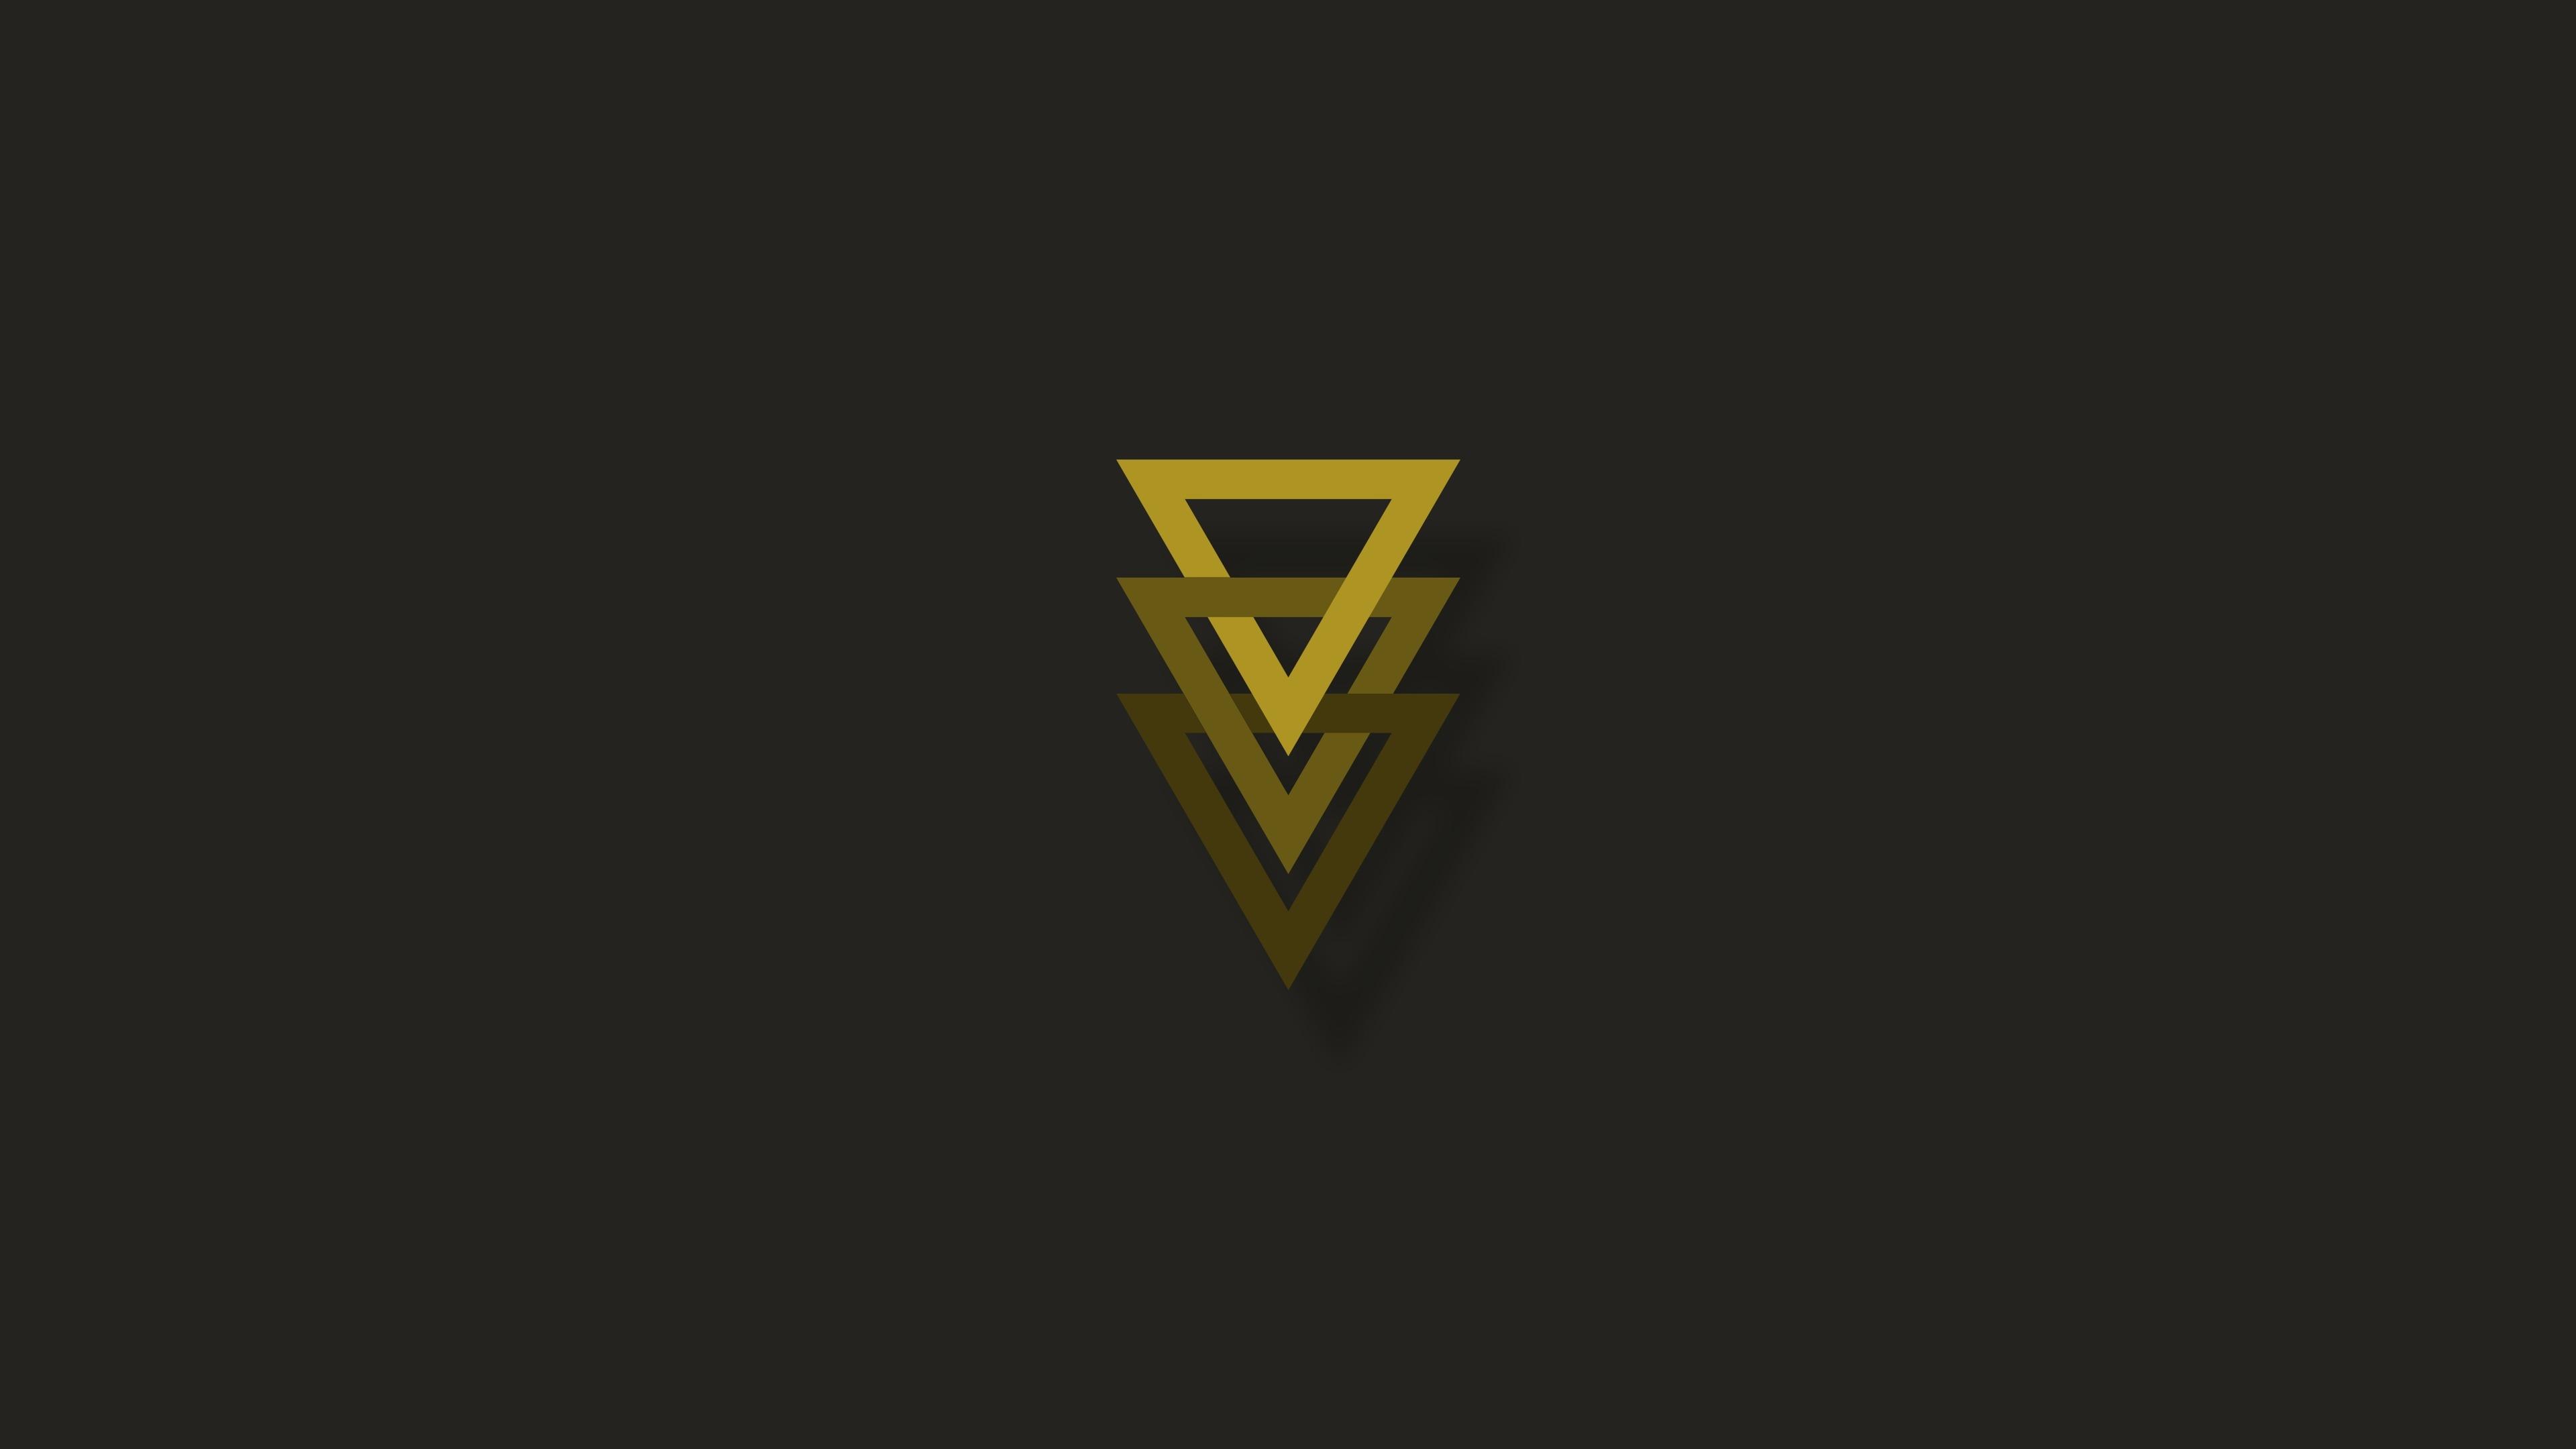 Triangle geometry minimal hd 4k wallpaper - 8k minimal wallpaper ...